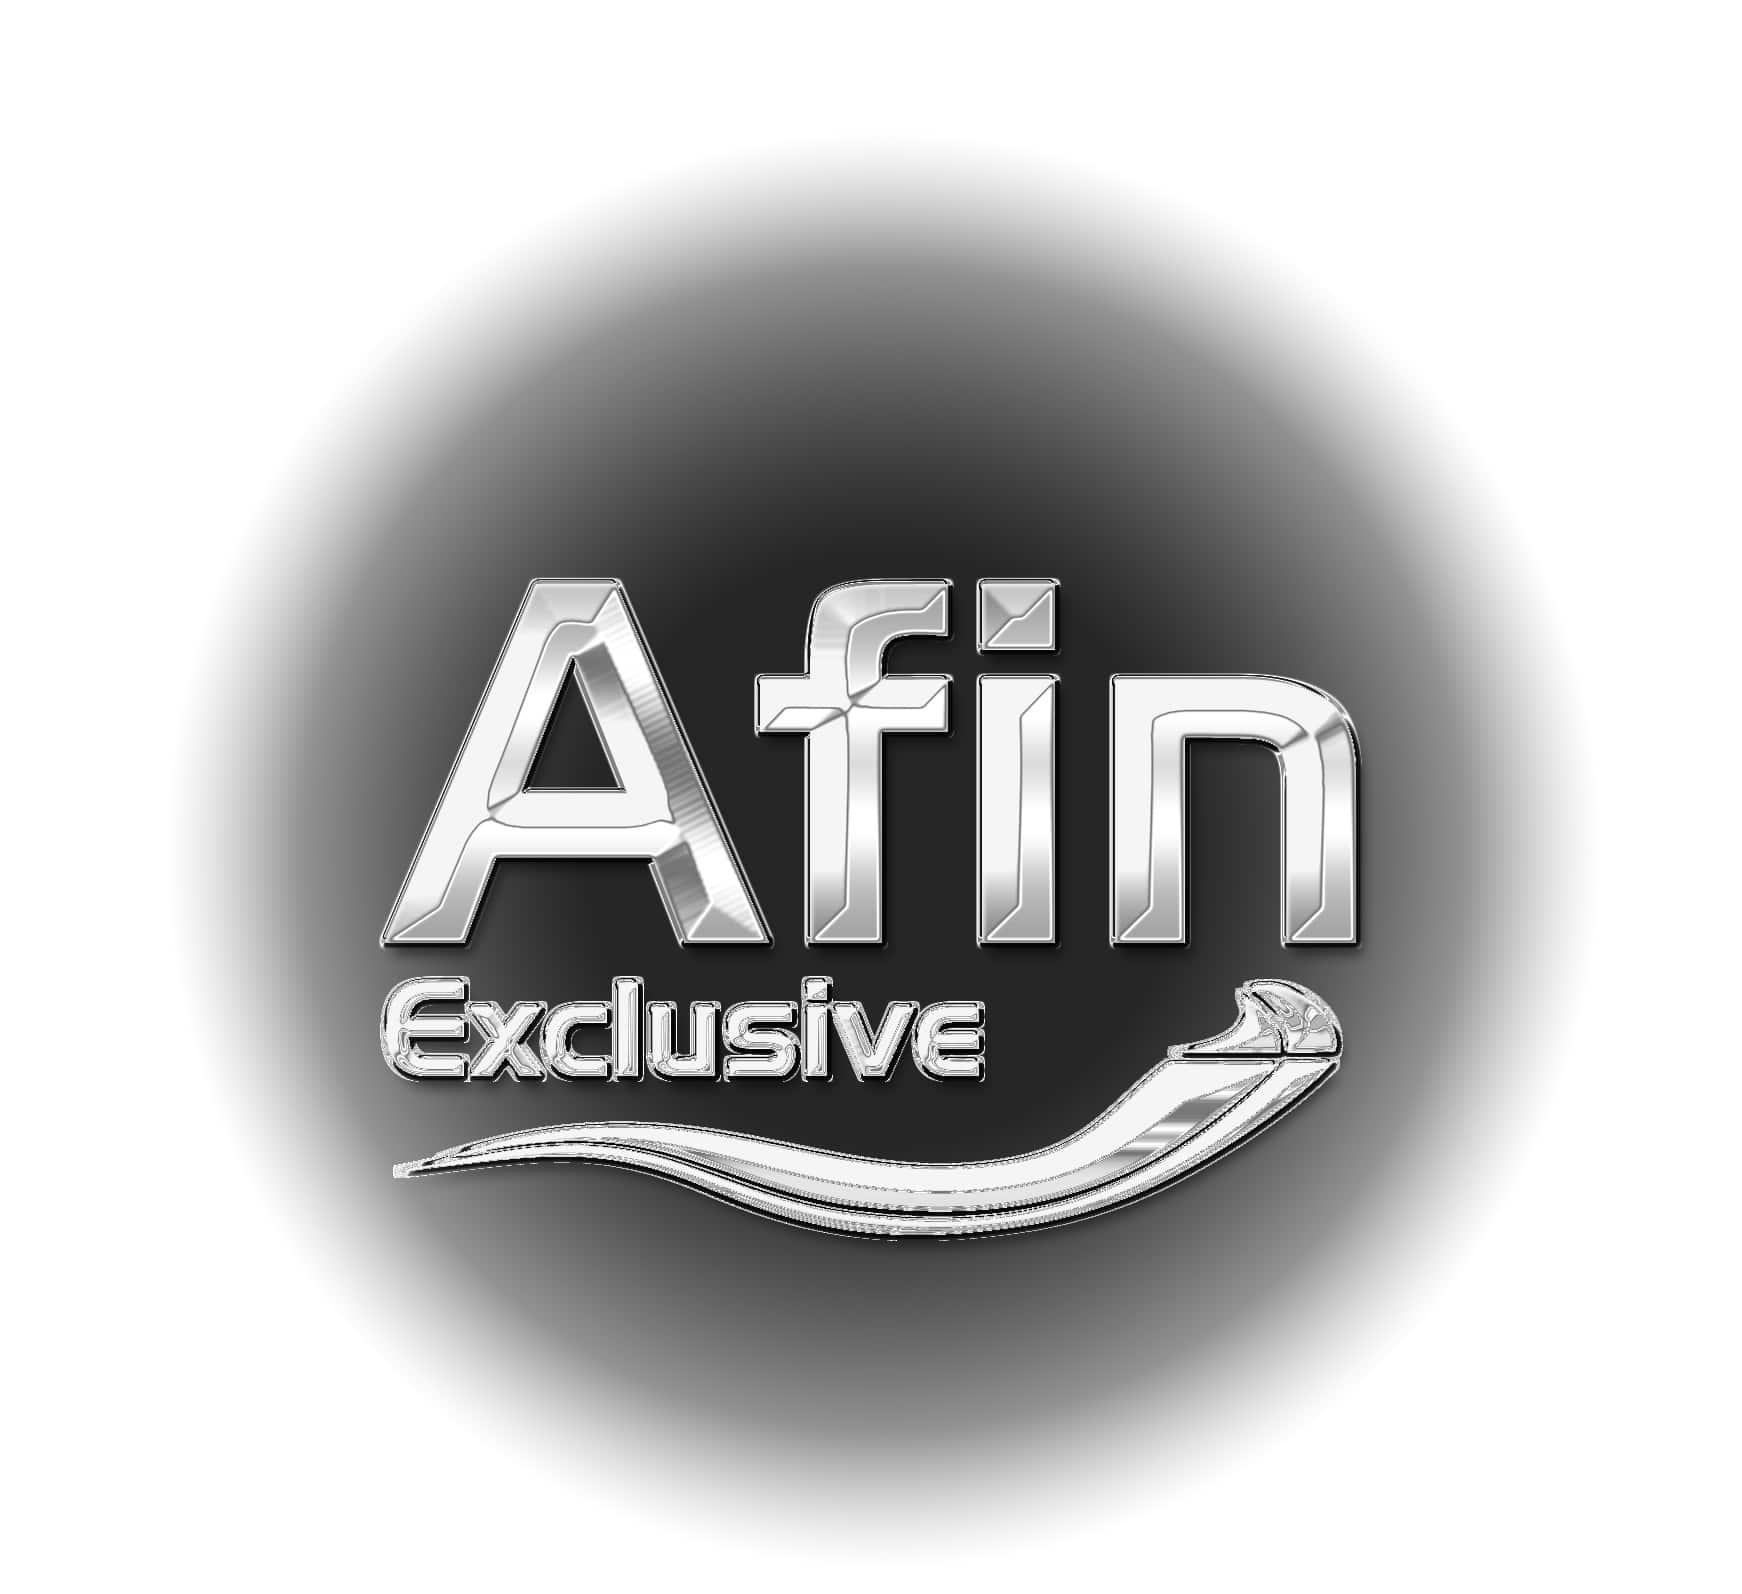 AFIN inmobiliaria exclusiva